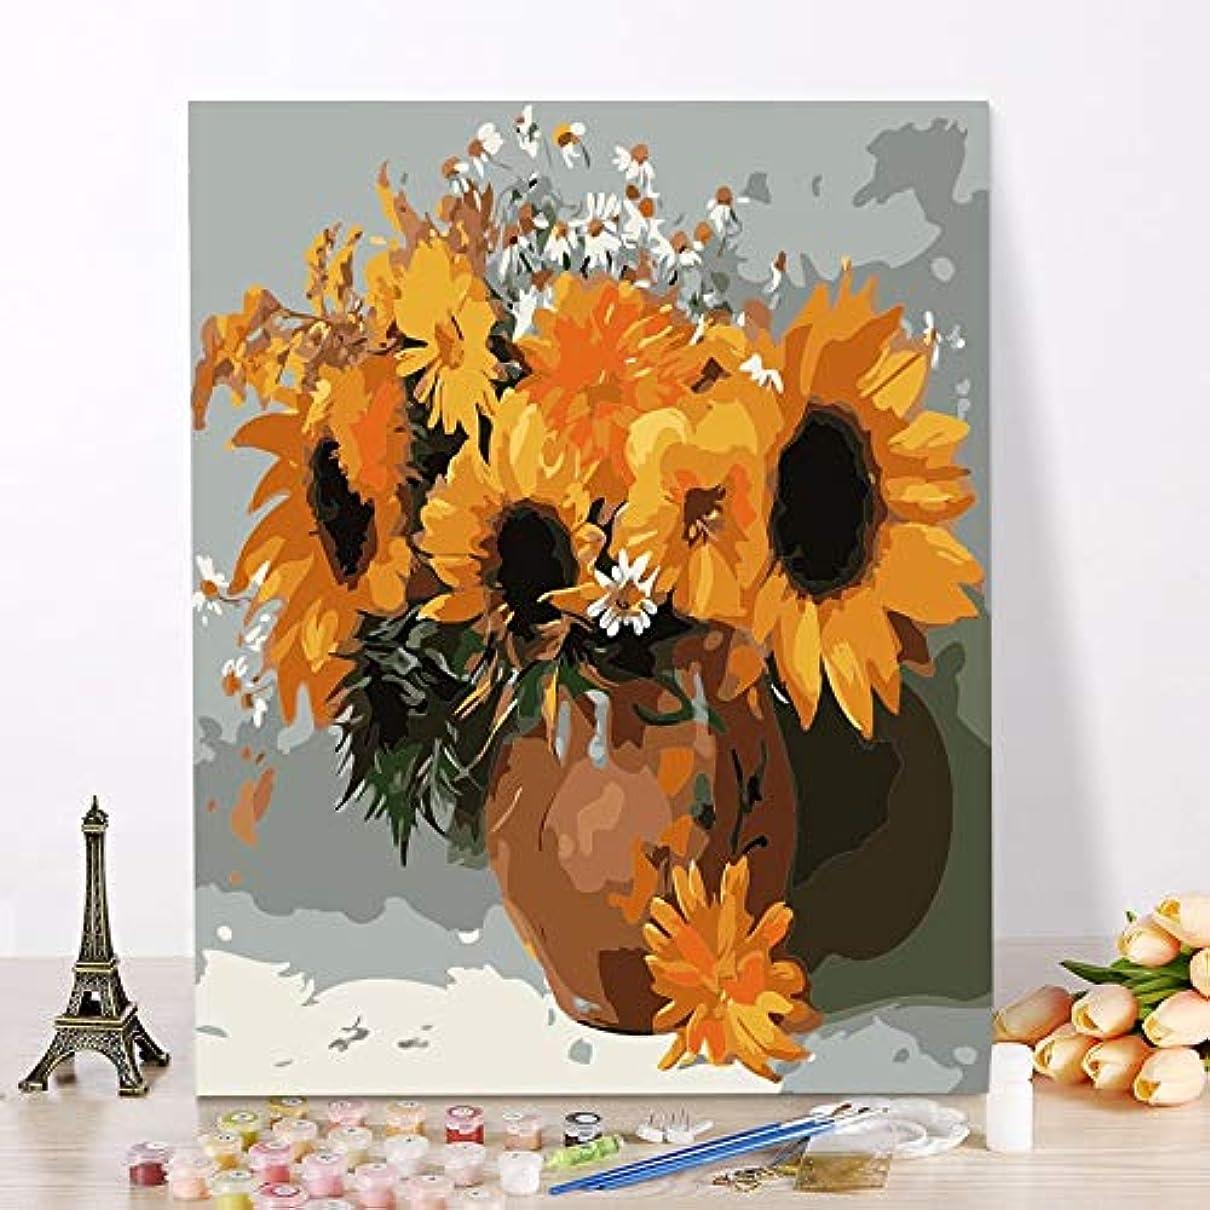 クリケット明示的に到着する40 * 50CM、DIYオイルはホームデコレーションのために、数緑色の花キットギフトAcrtylic手描きの油絵の絵画 数字で描くDIY油絵 (Color : 1, Size (Inch) : 40X50cm No Frame)